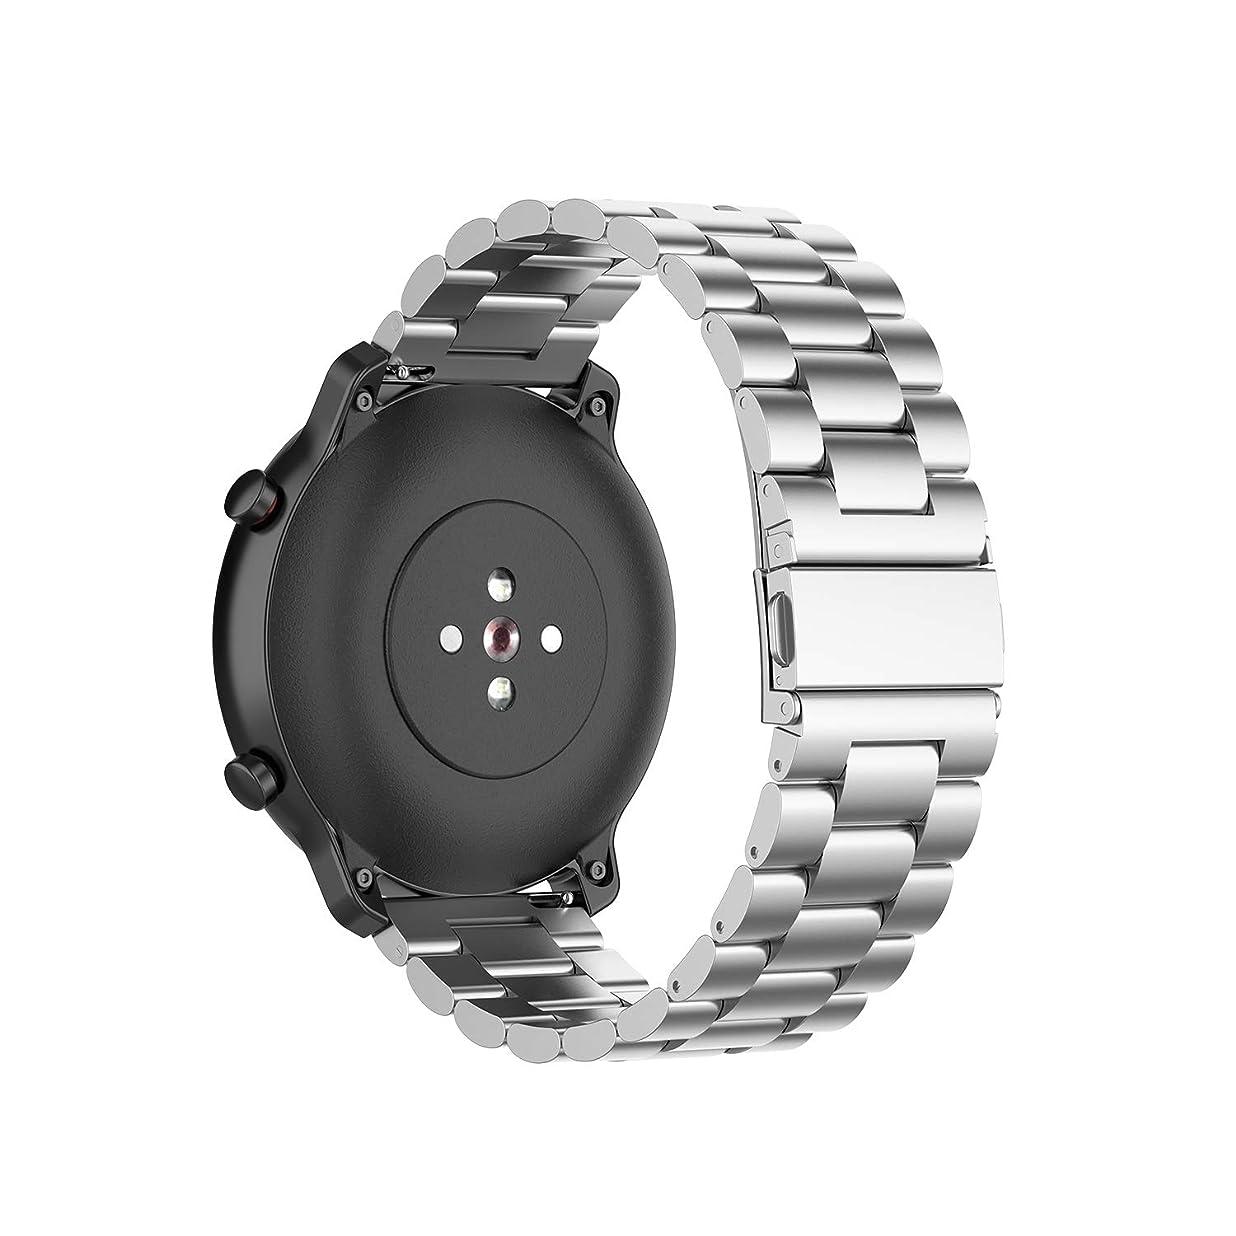 潜在的な浜辺あなたのものMotivaJP Amazfit GTR 42mm スマートウォッチバンド 20mm ステンレス鋼 腕時計ストラップ 交換ベルト (シルバー)